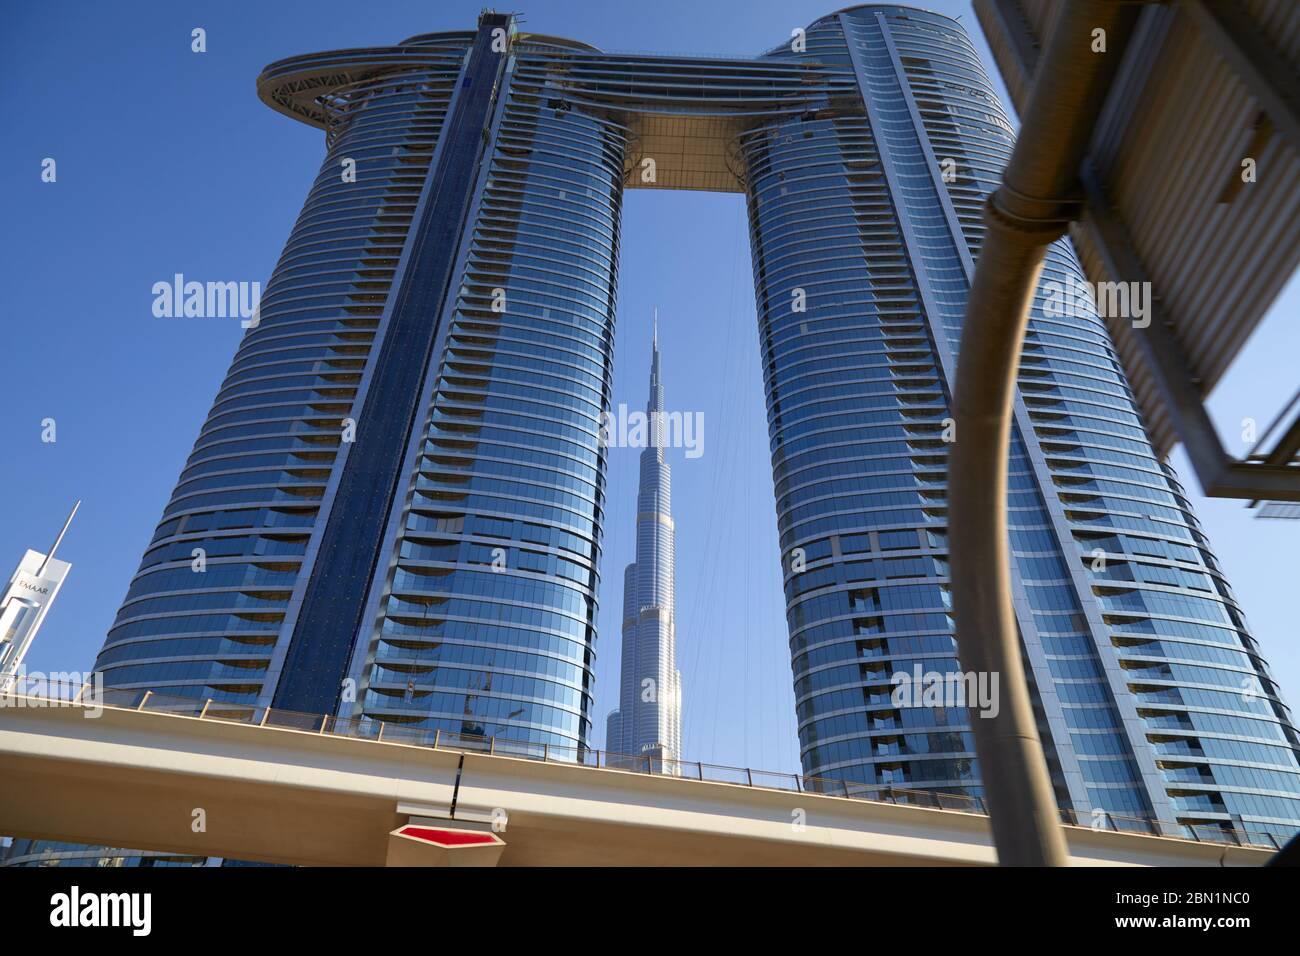 Dubaï, Émirats arabes unis - le 23 novembre 2019: gratte-ciel Burj Khalifa et l'adresse de vue du ciel des tours dans une journée ensoleillée, low angle angle view Banque D'Images